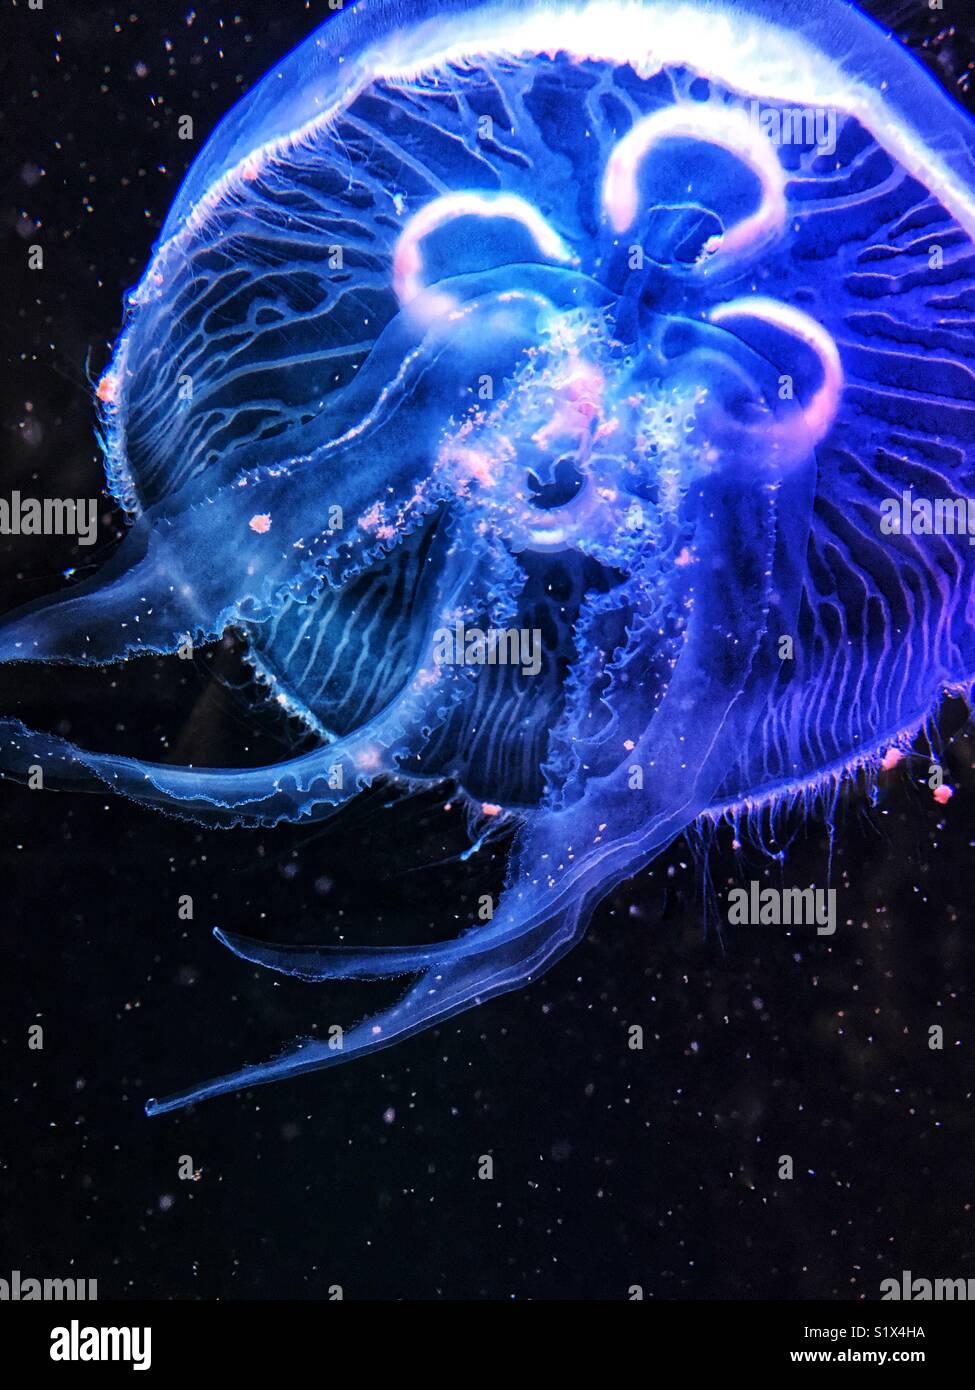 Les couleurs néon lumineux de la méduse. Photo Stock